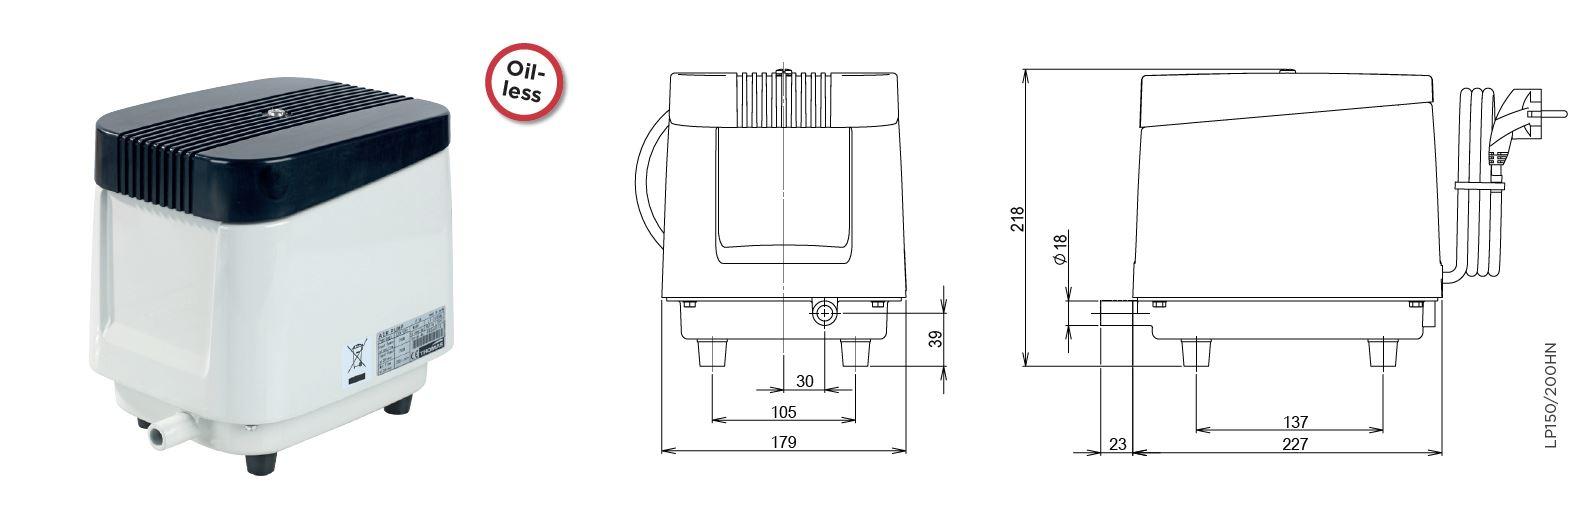 Rozměry vzduchových čerpadel Thomas PL od Gardner Denver jako technický výkres